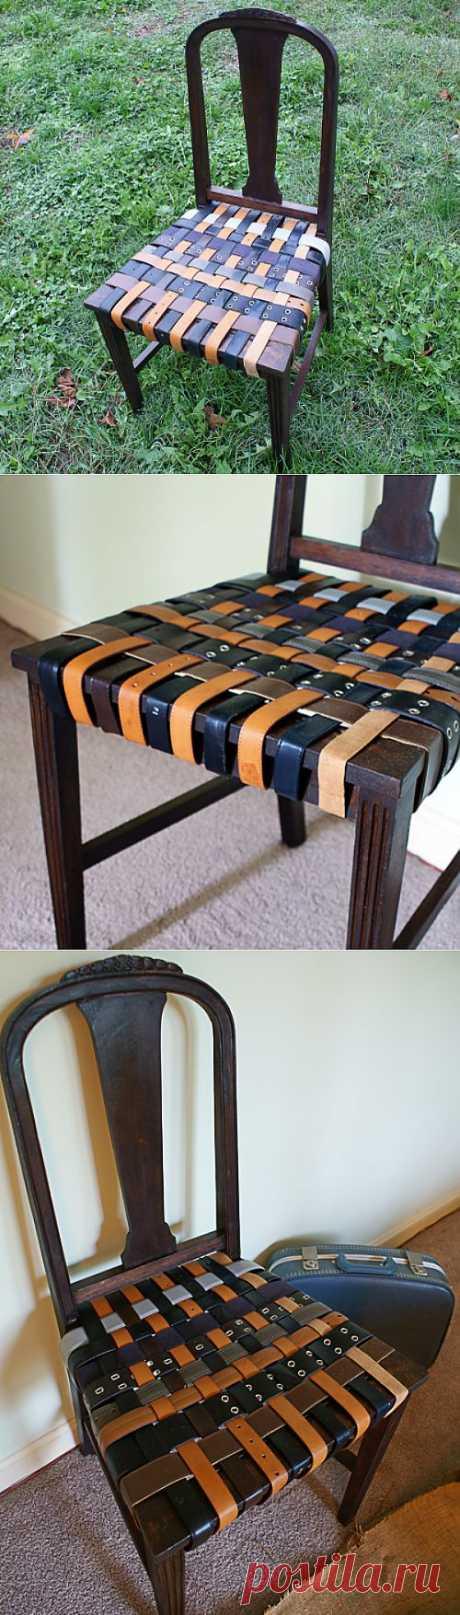 Ремни: ремонт стула (DIY) / Мебель / Модный сайт о стильной переделке одежды и интерьера